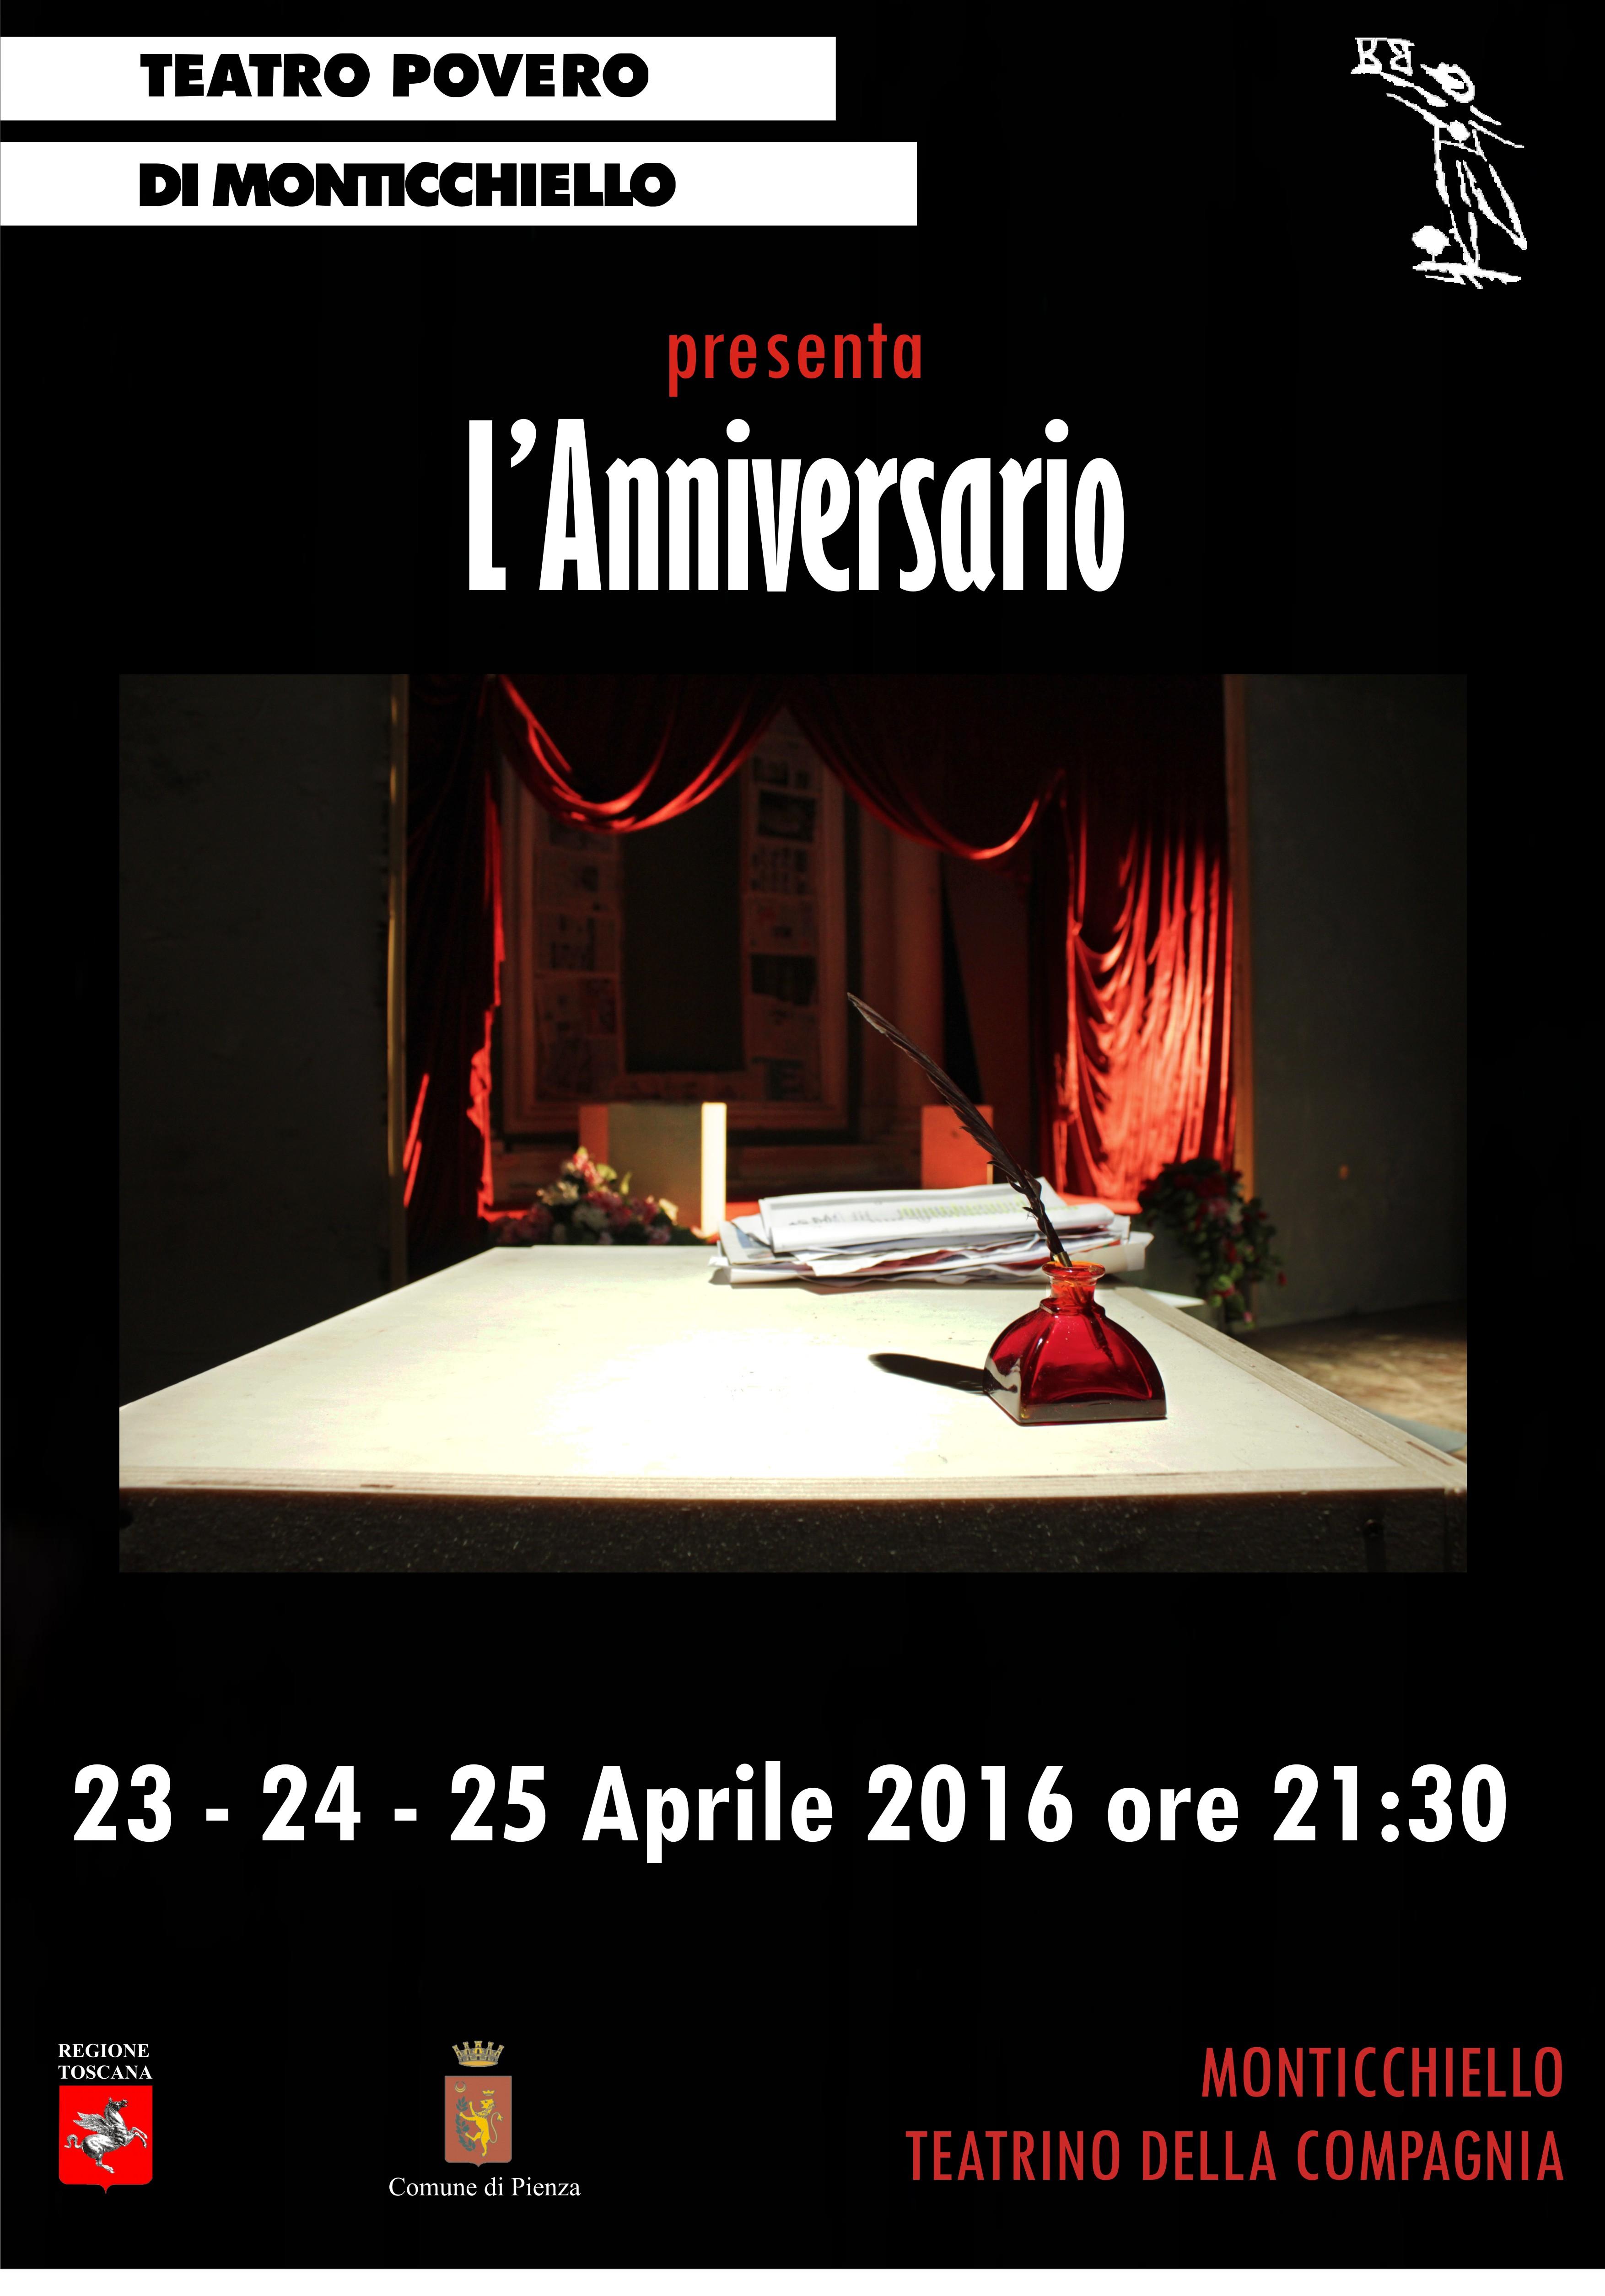 anniversario 2015 - primavera web Eventi